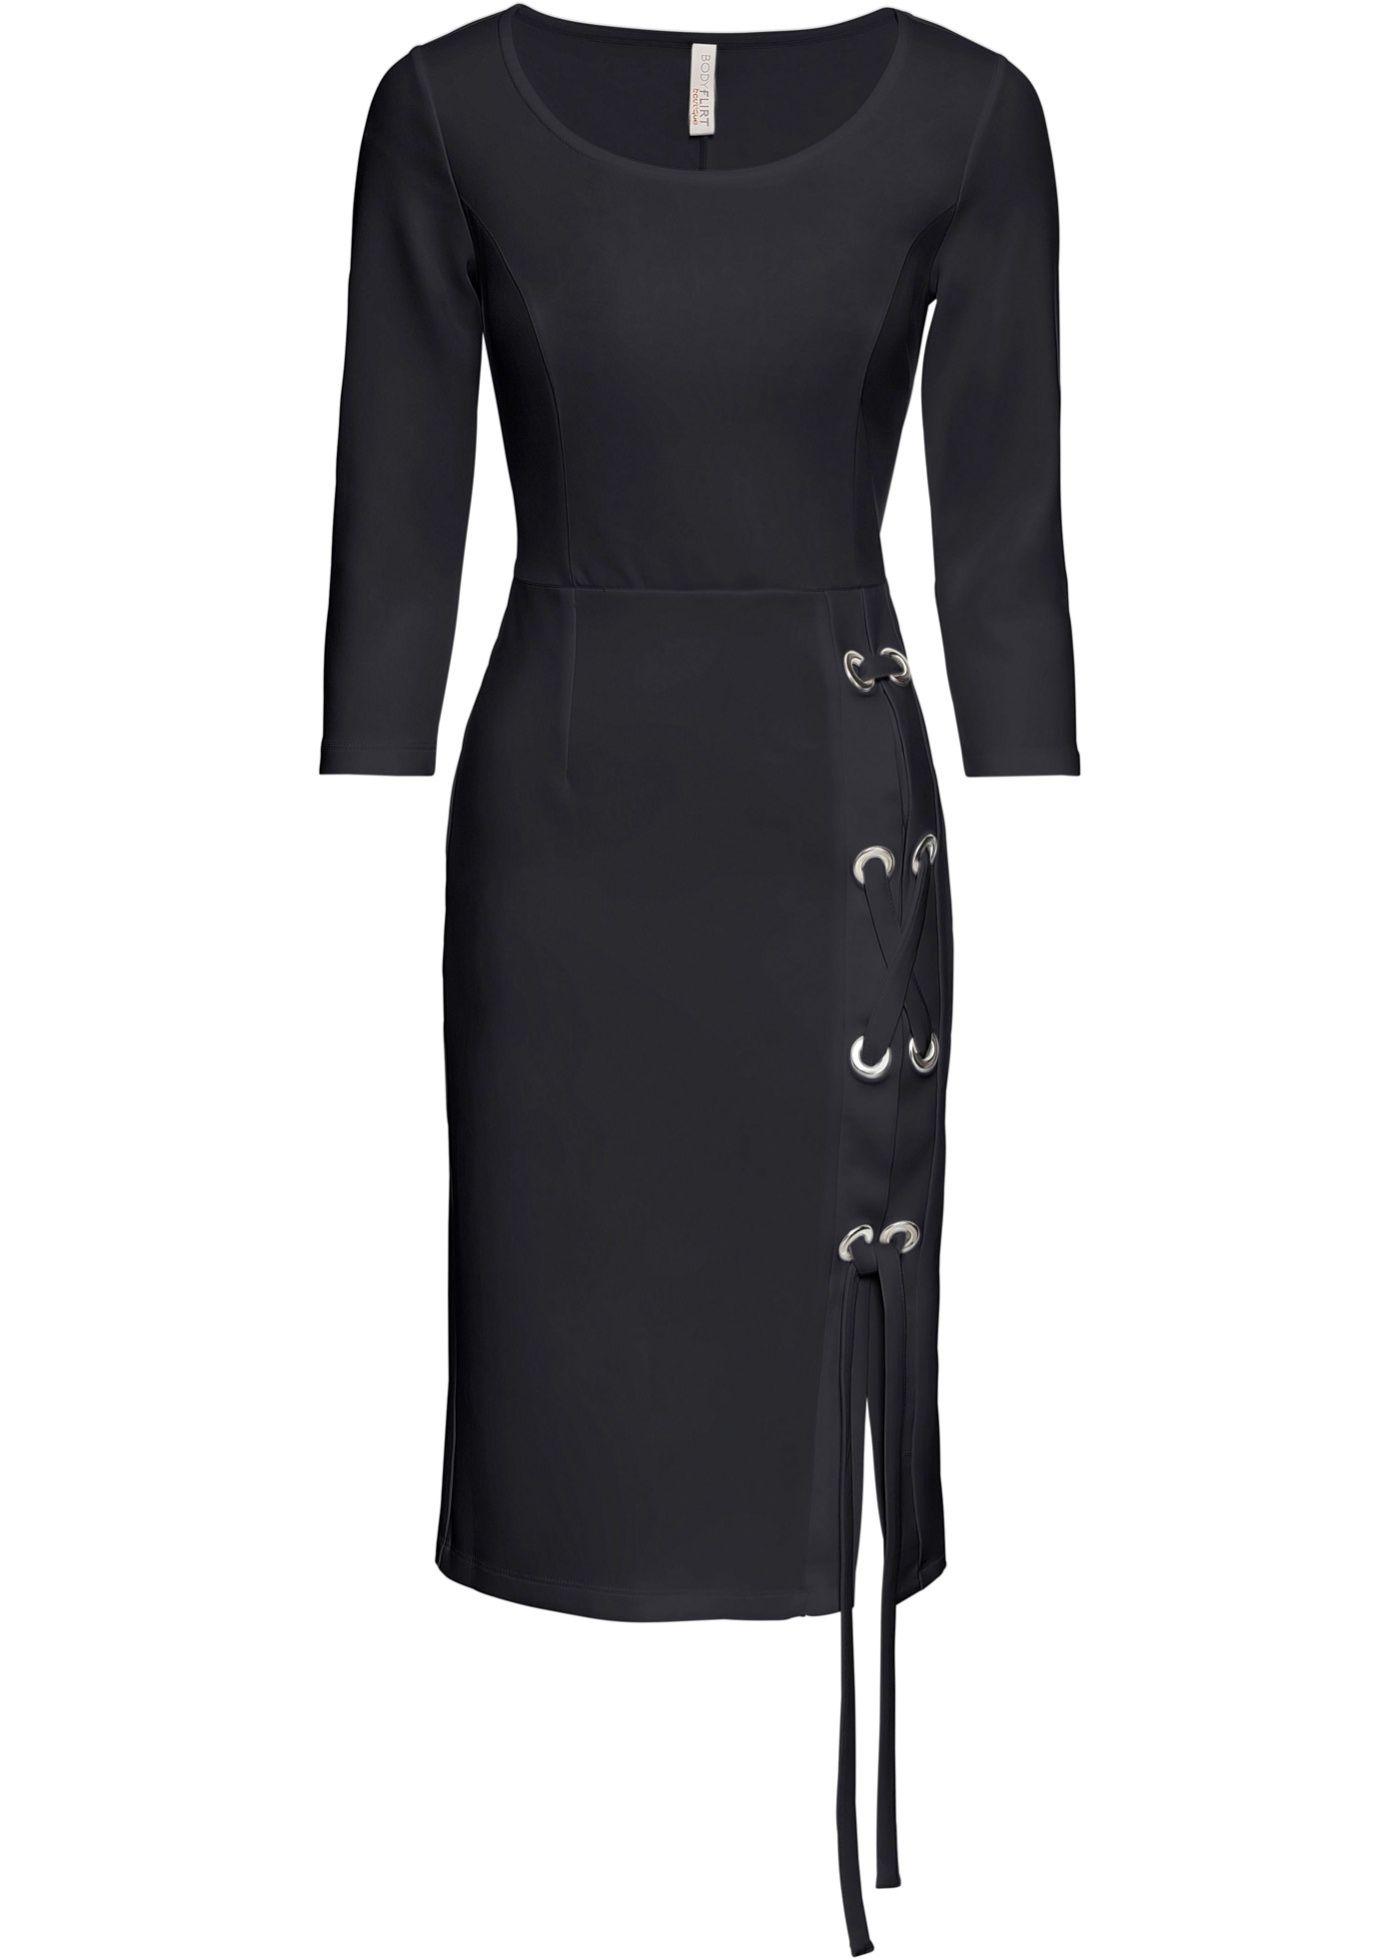 Kleid mit Schnürung  Kleid arbeit, Neues kleid und Outfit